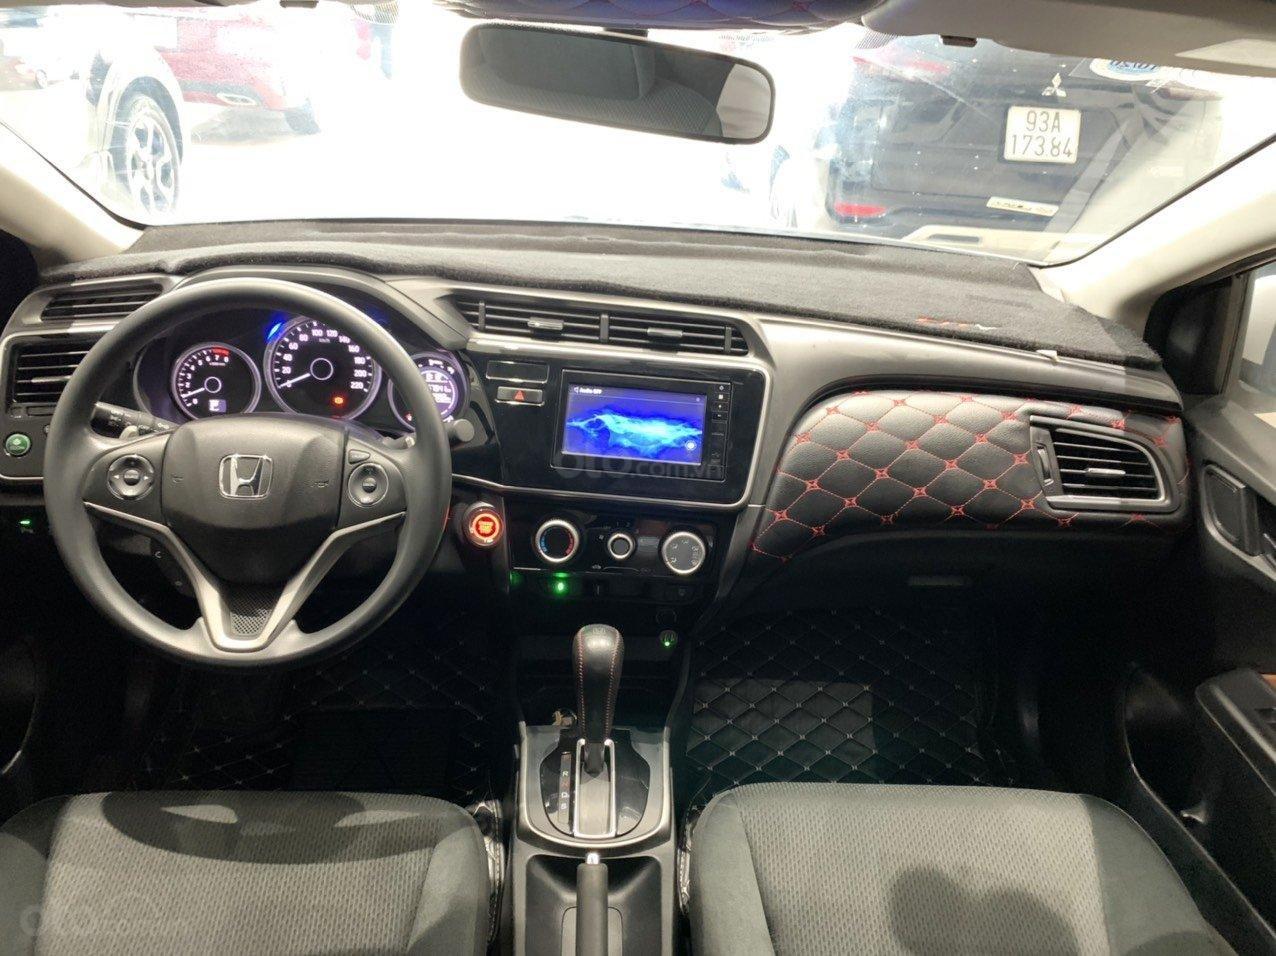 Bán xe Honda City xe gia đình, xe đẹp như mới, đi 67.000, trả góp chỉ 157 triệu (8)